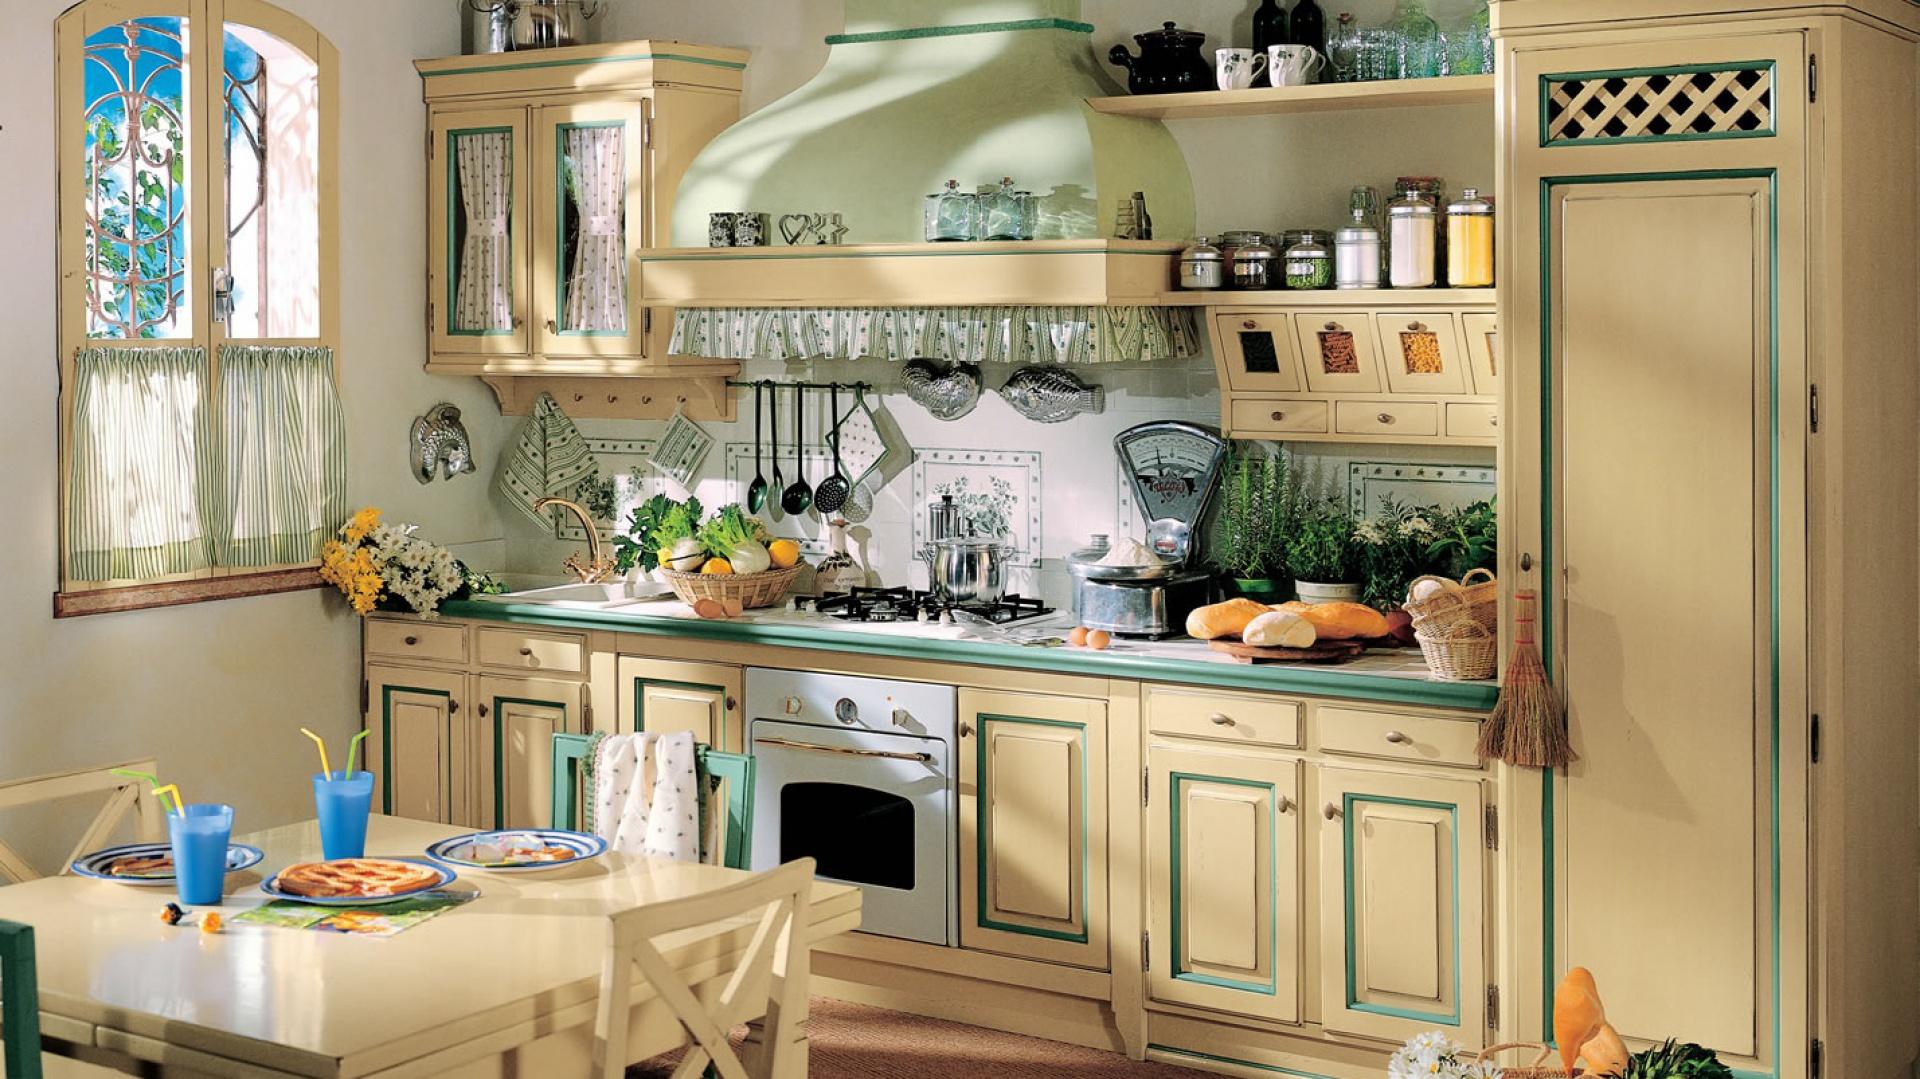 Kuchnia Klasyczna 15 Najładniejszych Aranżacji